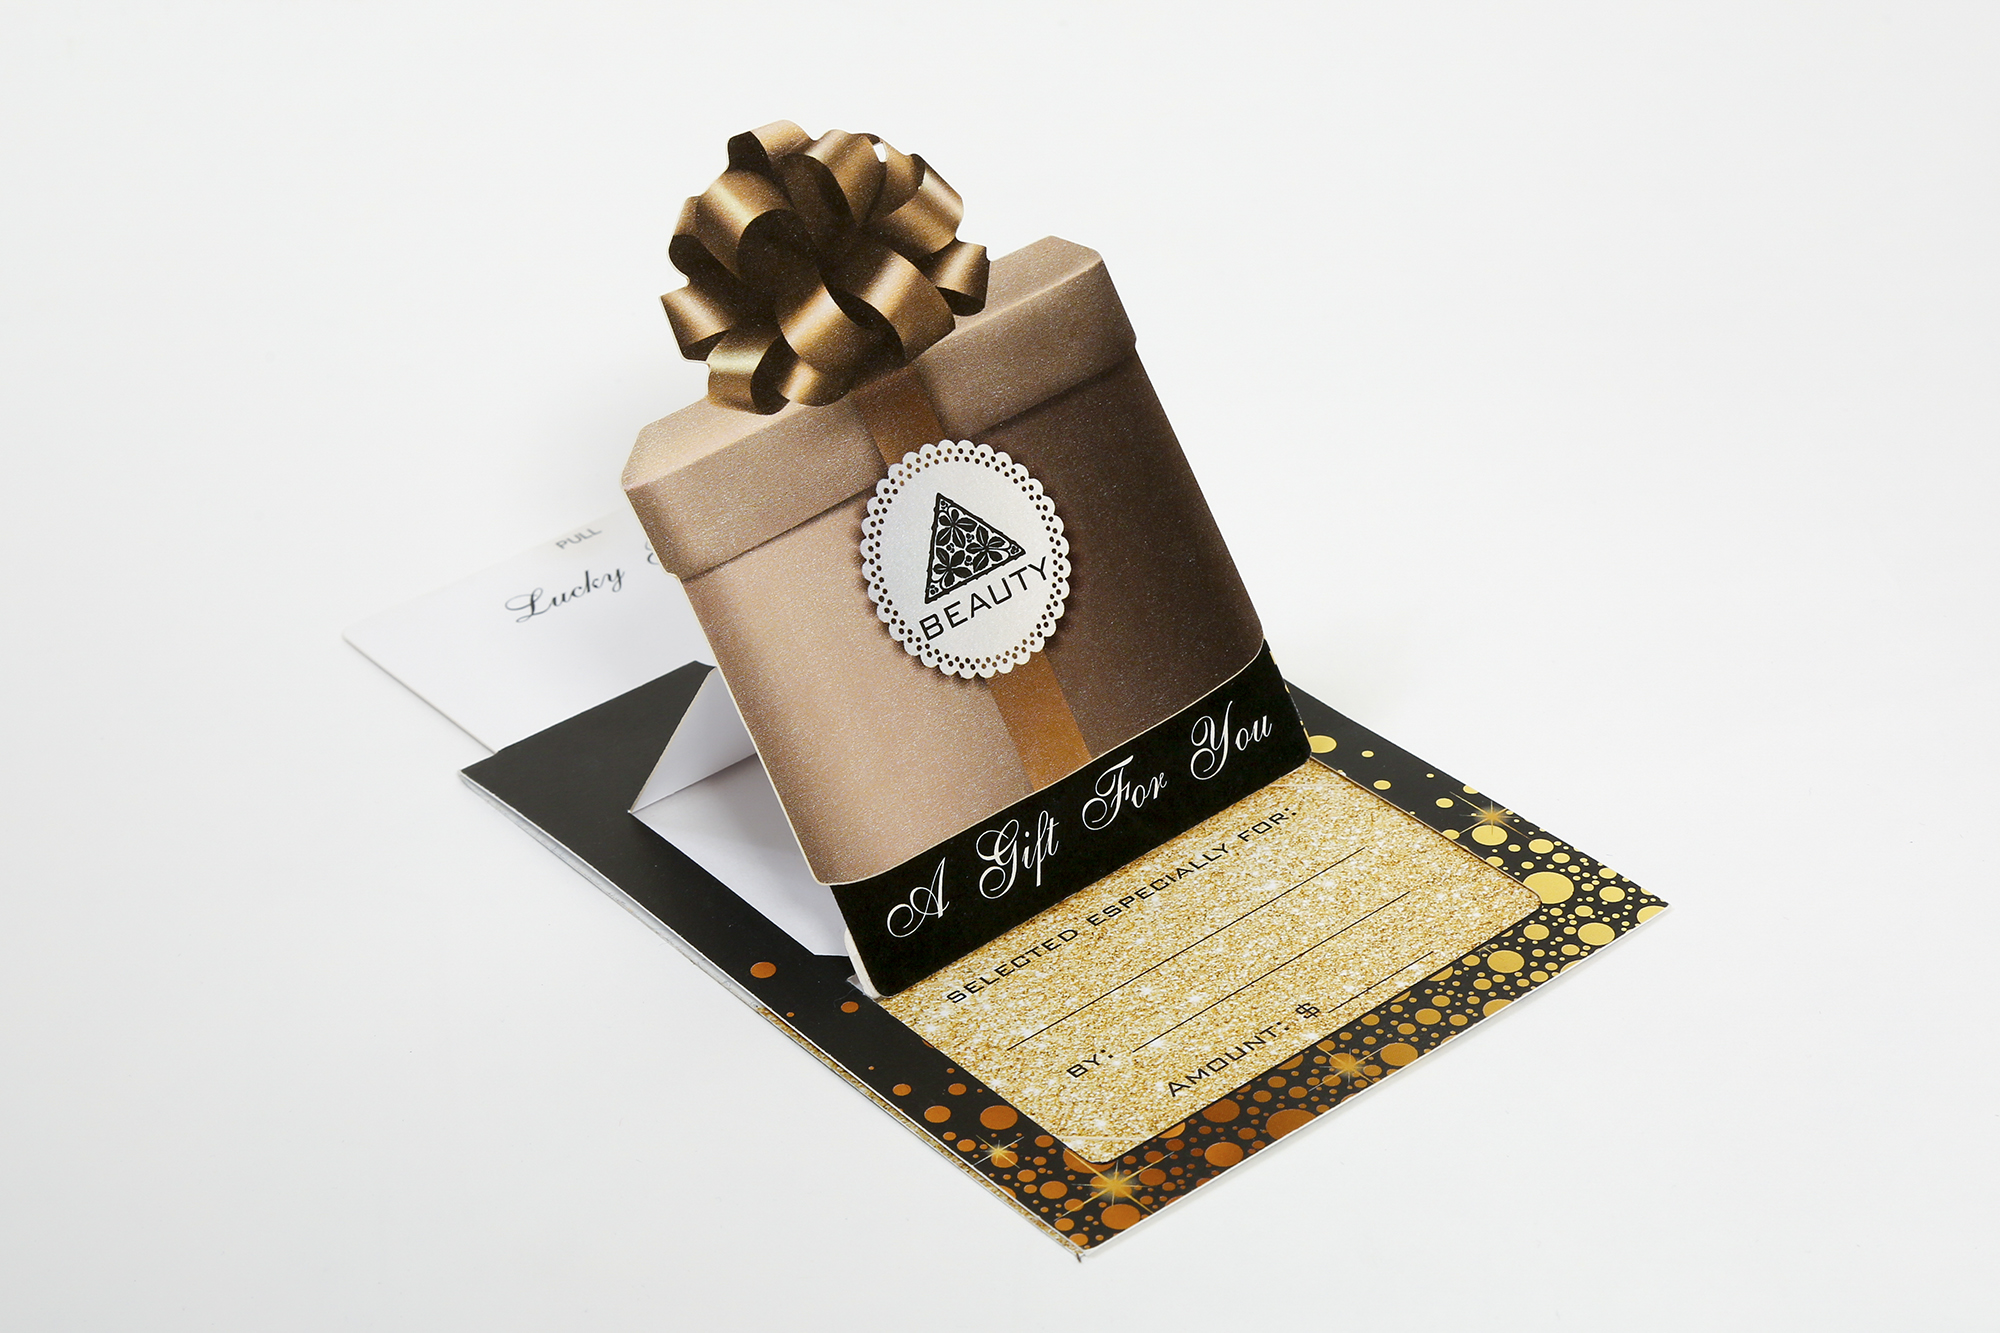 Digital Laser Cut Pop-Up Gift Card Holder  Concept & Design